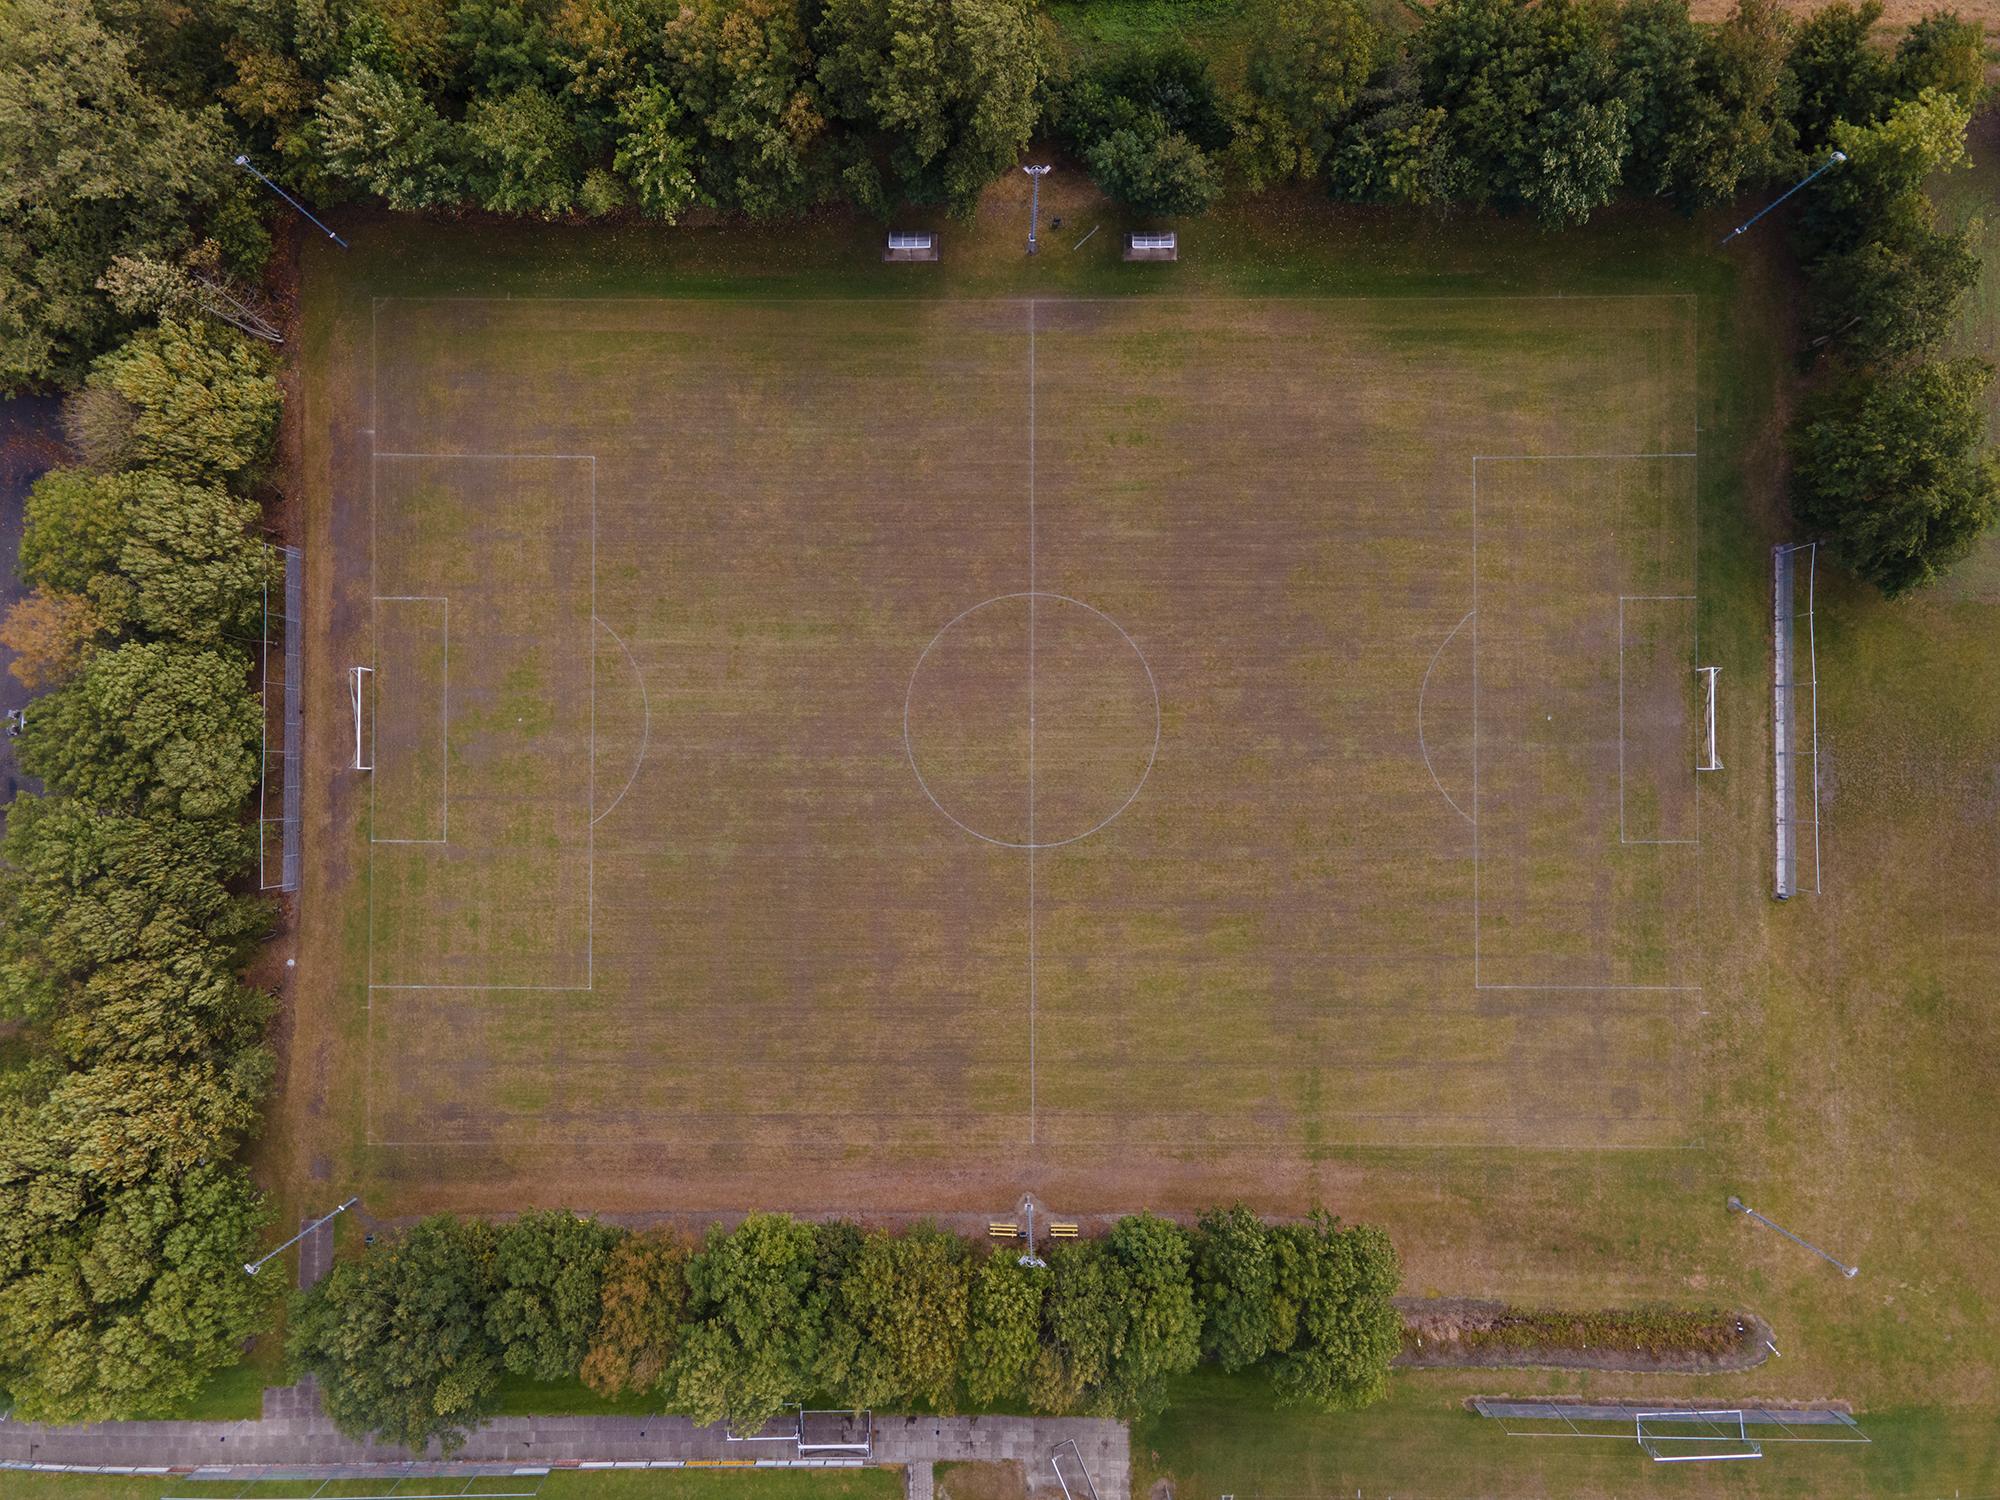 Een dronefoto van het trainingsveld van voetbal vereniging Kruiningen